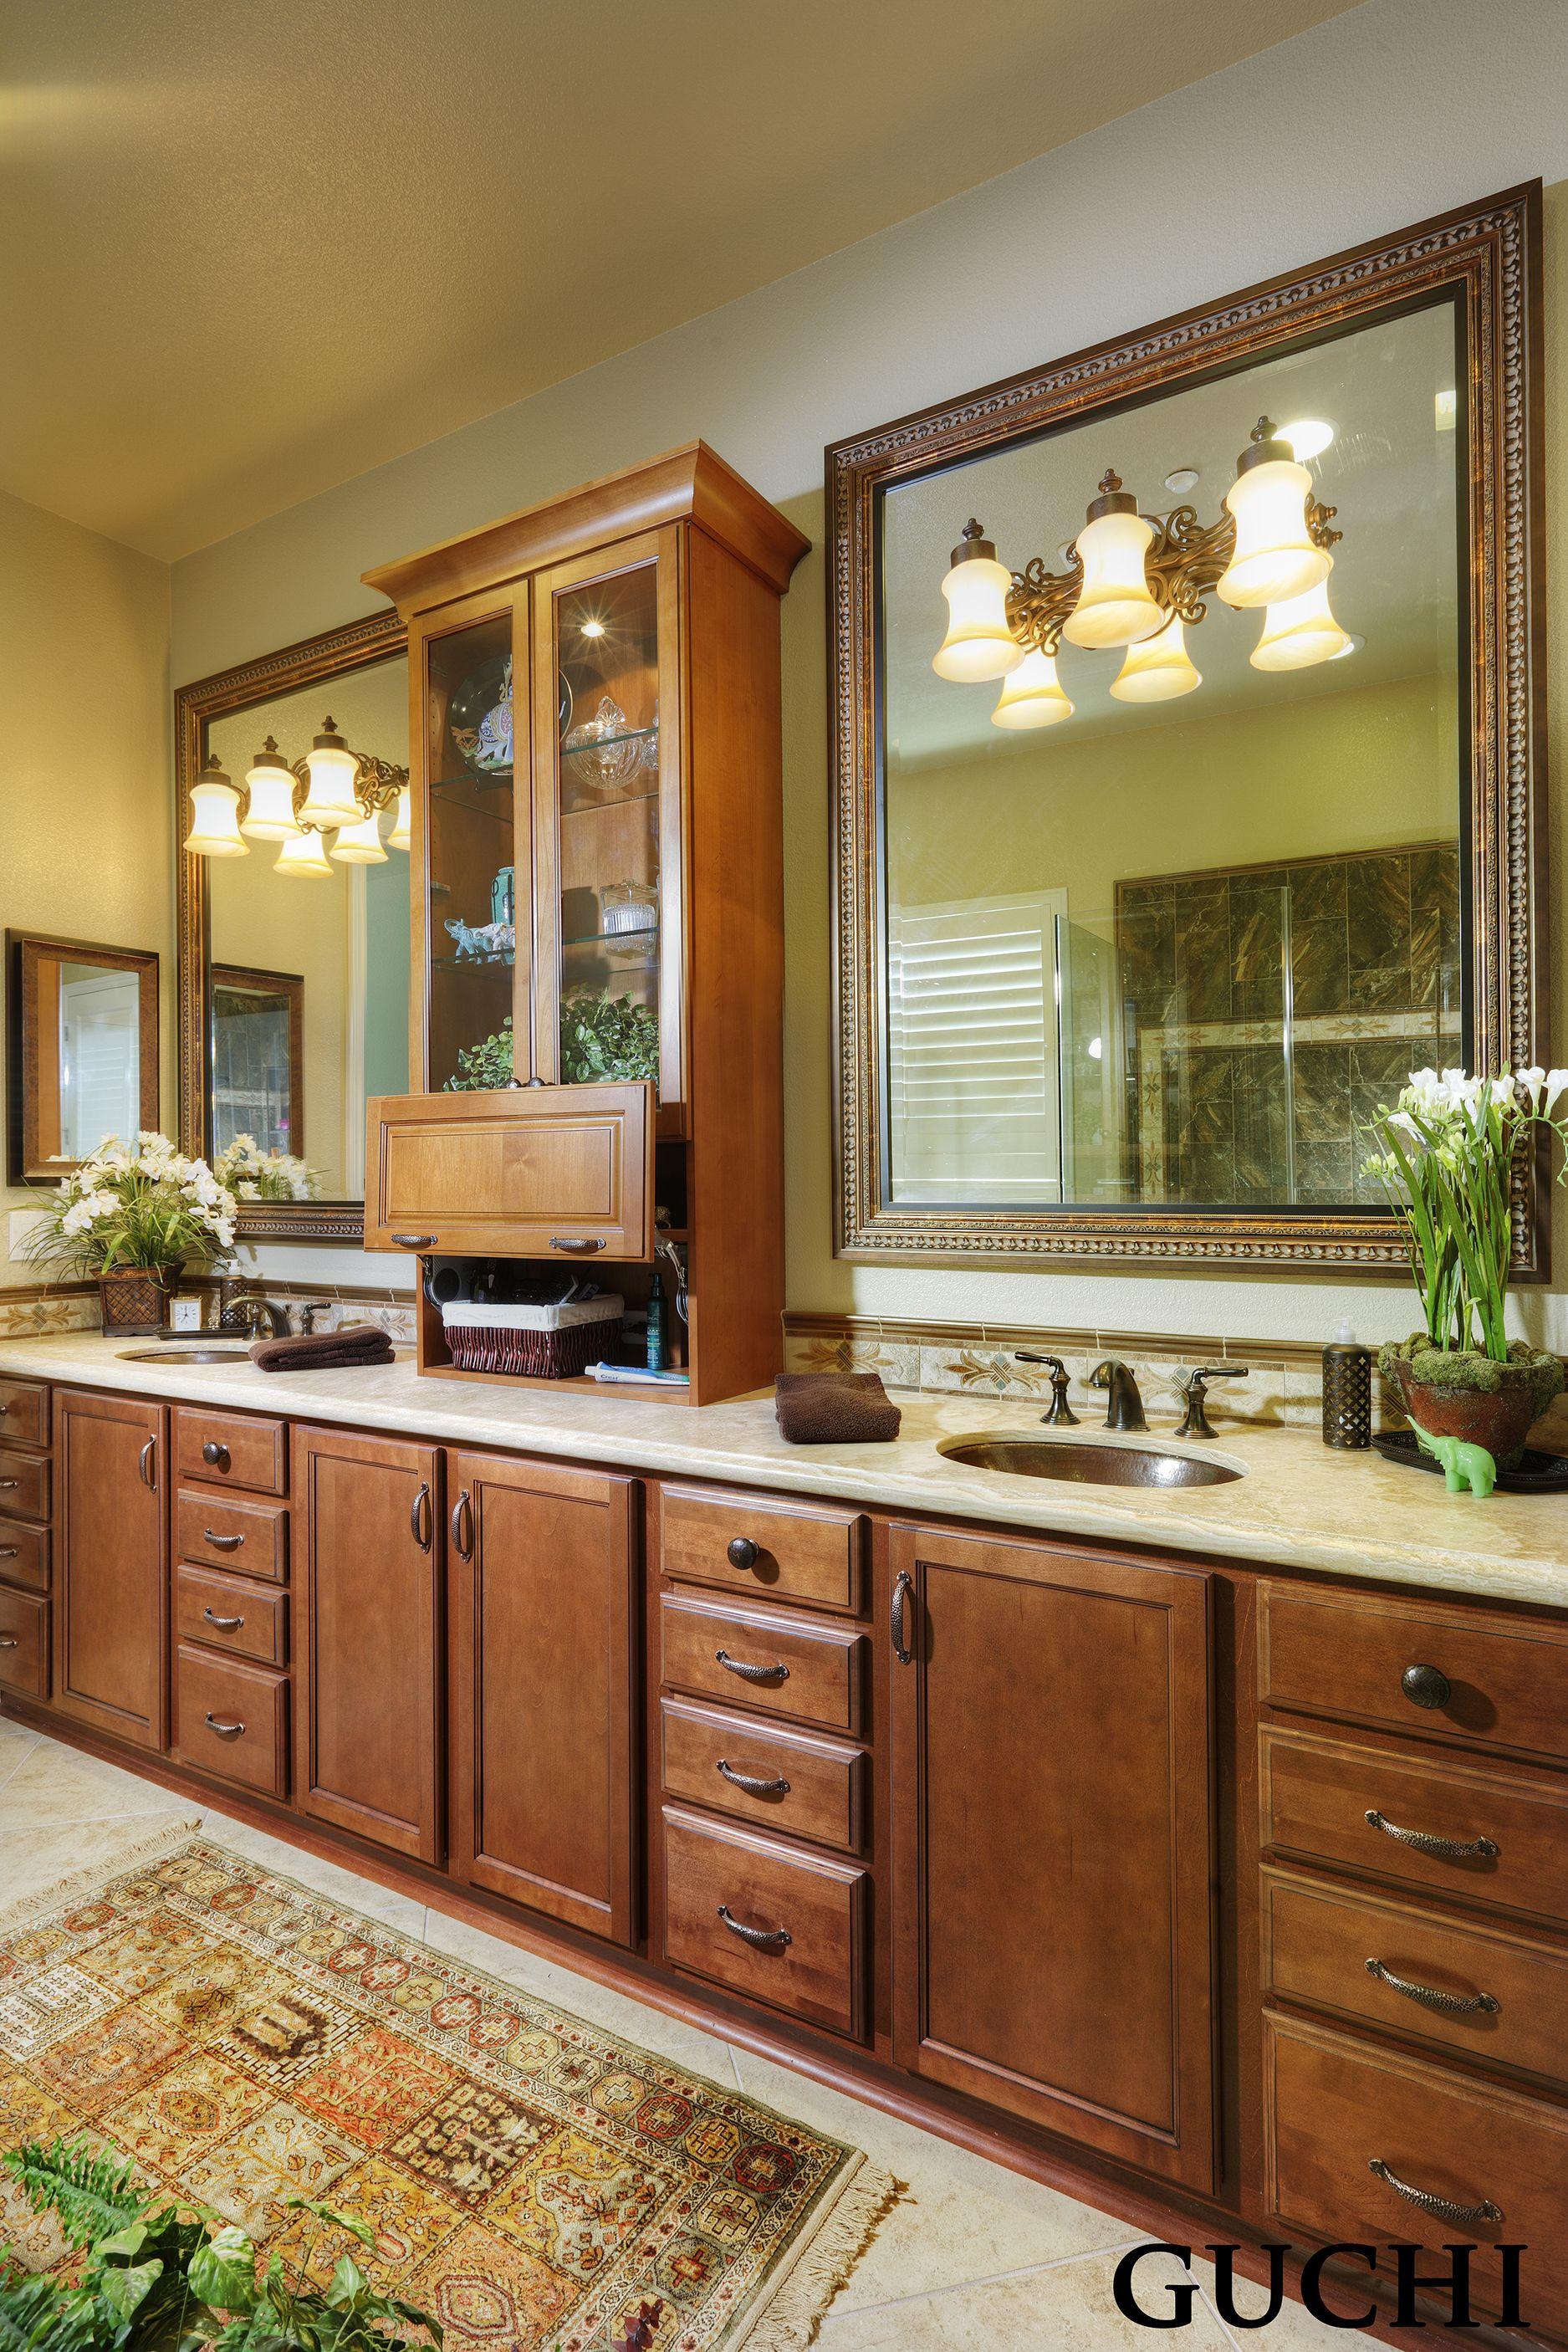 Kitchen Cabinet Interior Design: Pin By Guchi Interior Design On Guchi-Bathrooms